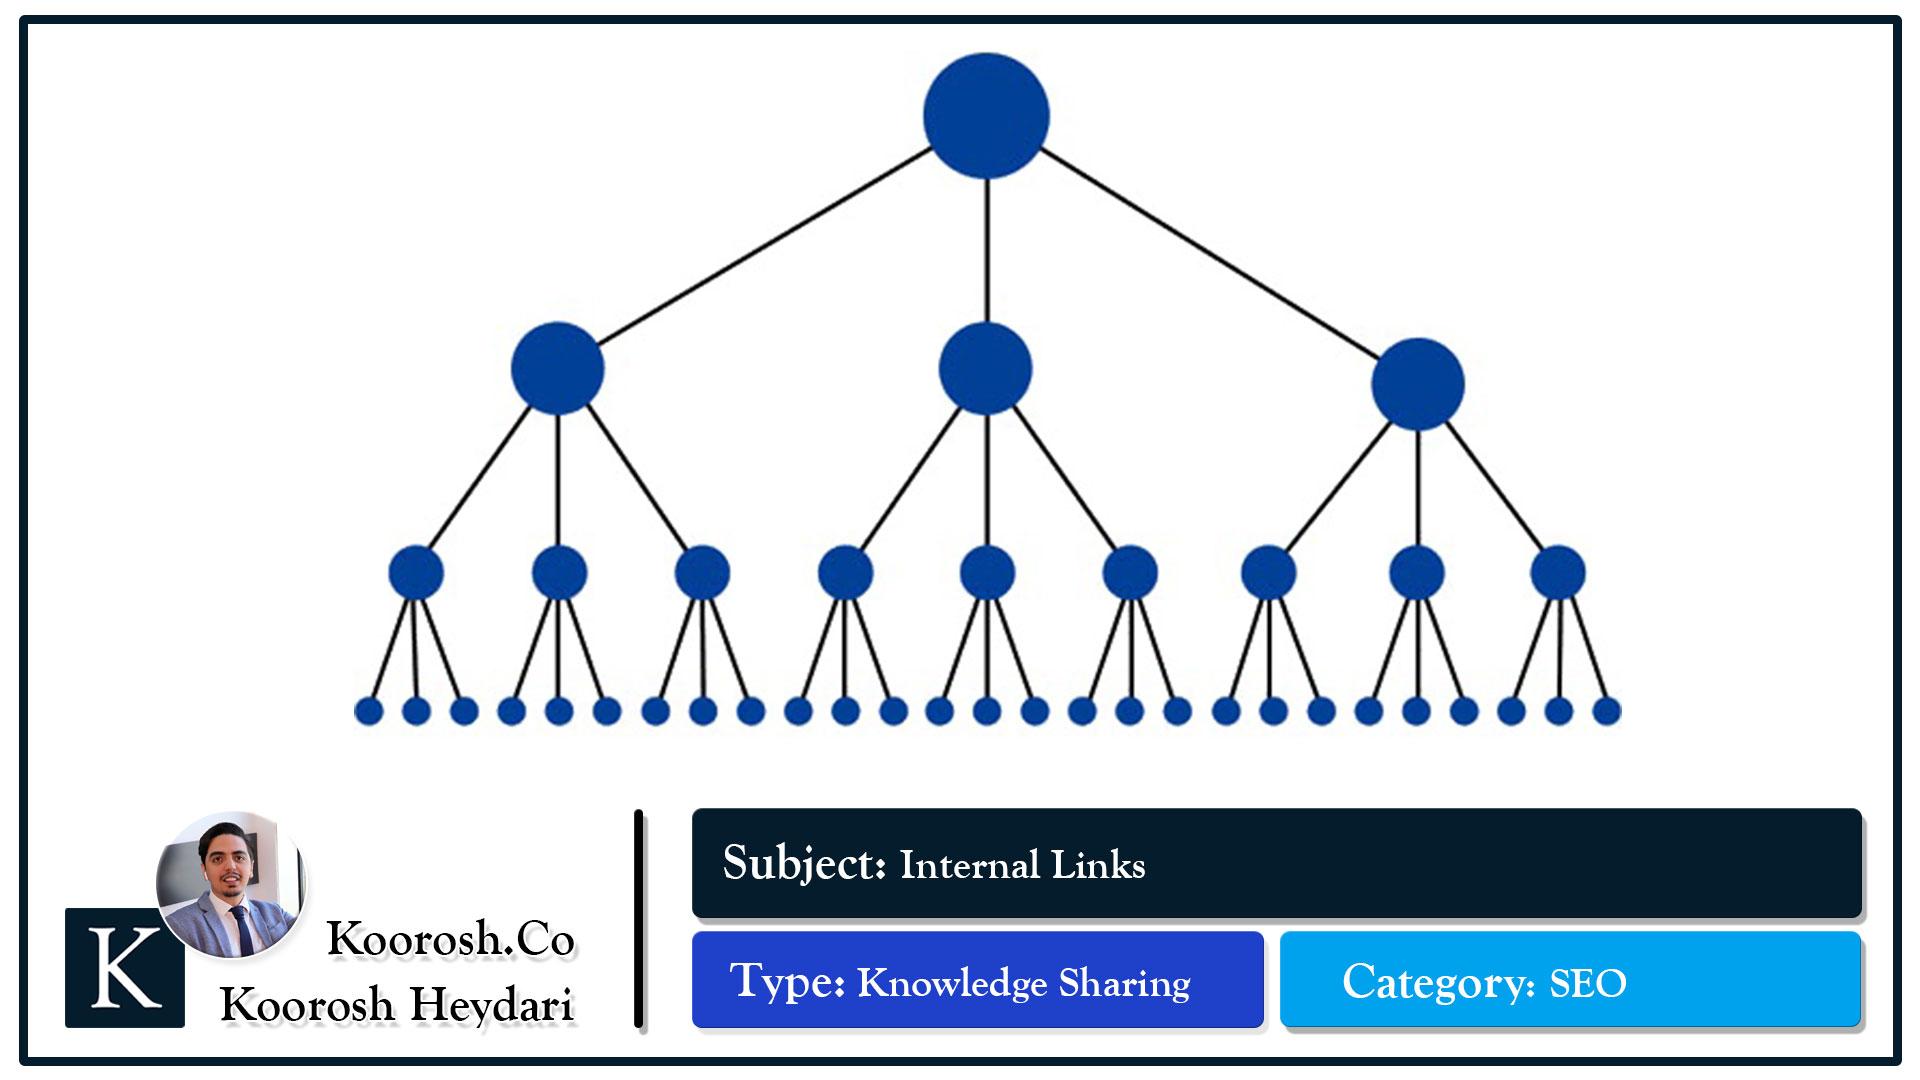 ساختار بهینه معماری و لینک بیلدینگ یک وبسایت شبیه به یک هرم است